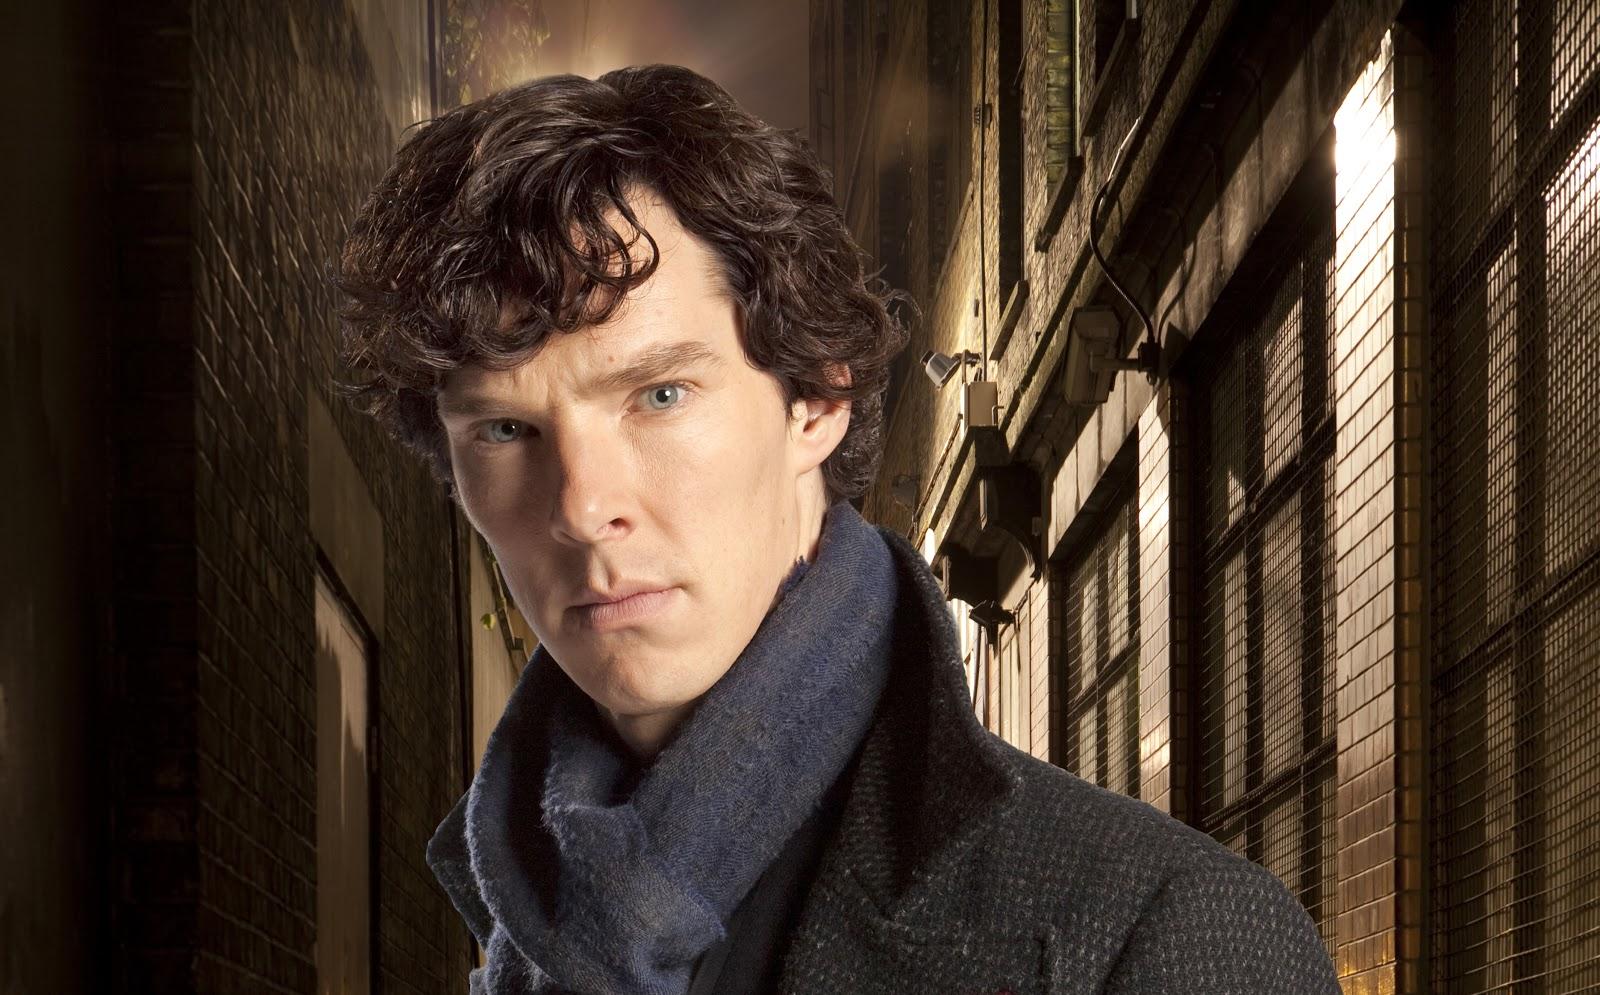 http://3.bp.blogspot.com/-V471zuD8Xco/UMoK-w8YY6I/AAAAAAAAGgc/BFI9y6nIUN8/s1600/Benedict+Cumberbatch+Sherlock.jpg